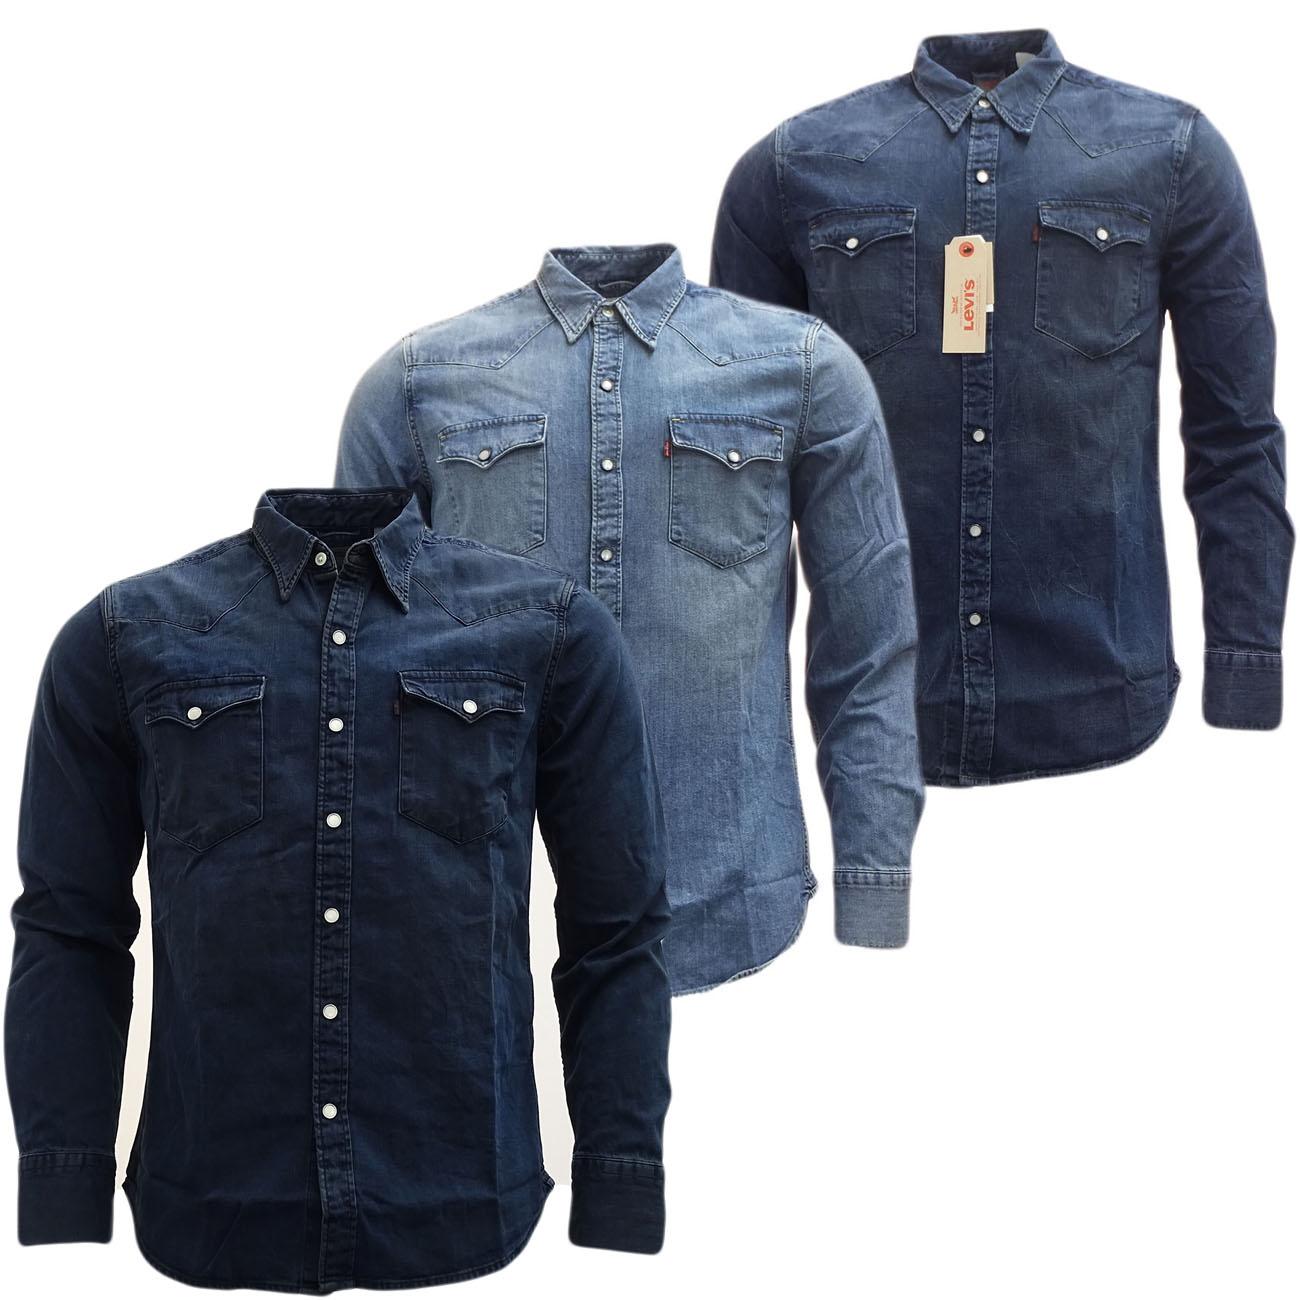 mens shirts levi strauss long sleeve denim shirt shirts